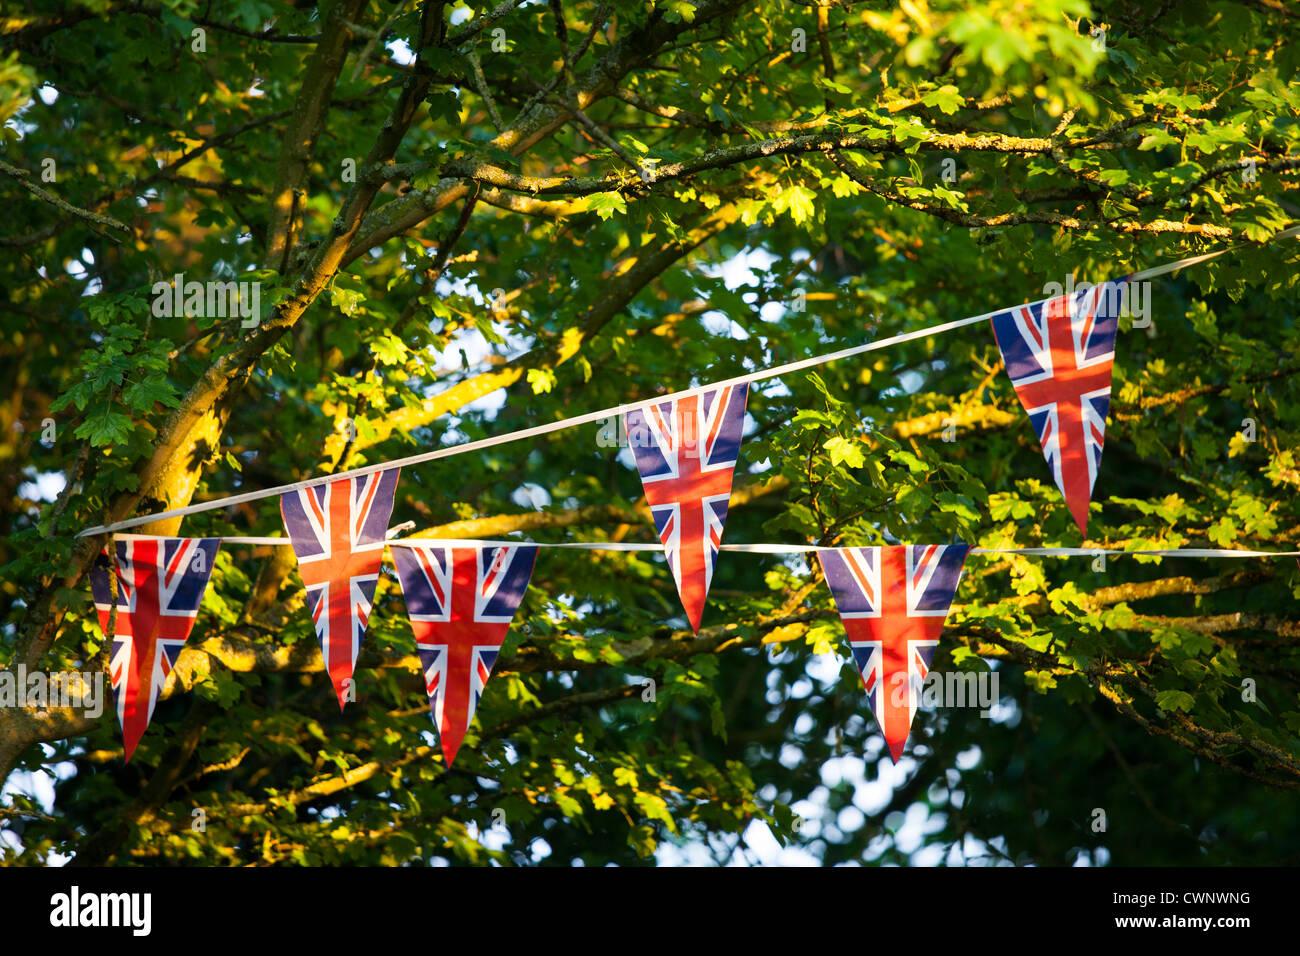 Bandera Union Jack bunting en fiesta en la calle para celebrar el Queen's Diamond Jubilee en Swinbrook en Cotswolds, Imagen De Stock